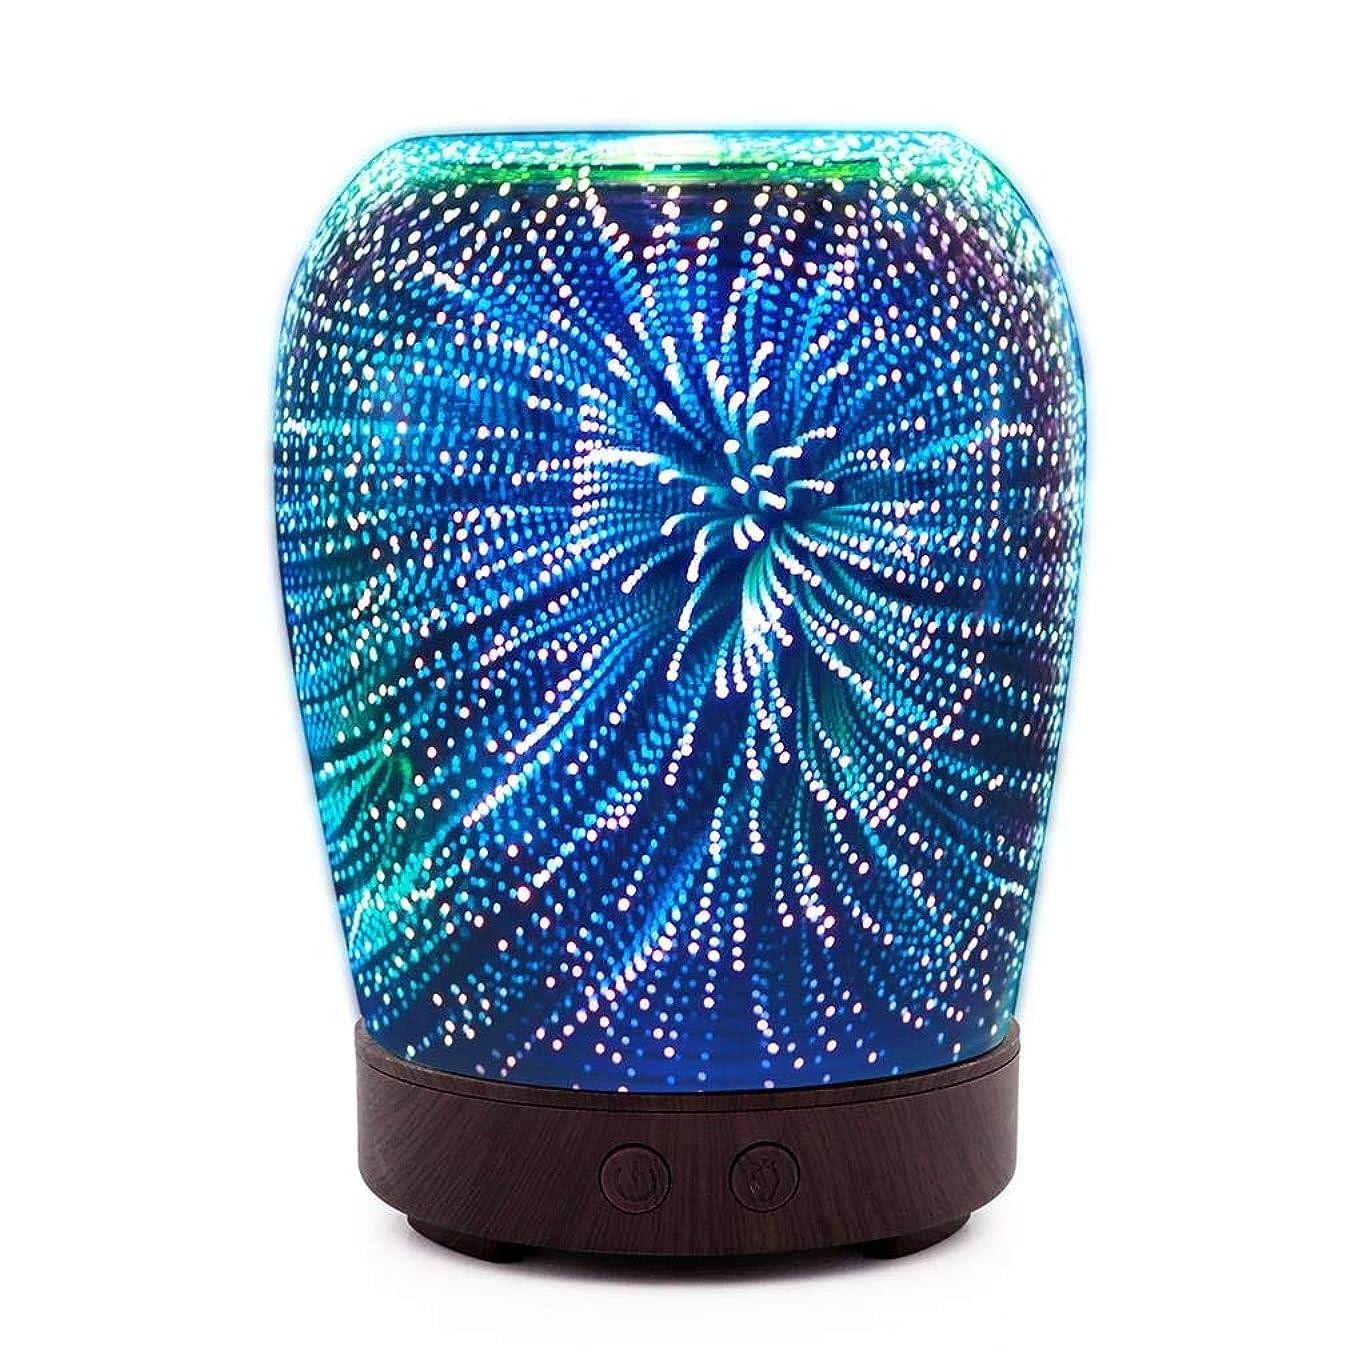 促進するメロディアス地図芳香 拡張器 清涼 薄霧 加湿器 アロマディフューザー 車内や家庭で使用 (Color : Fireworks)